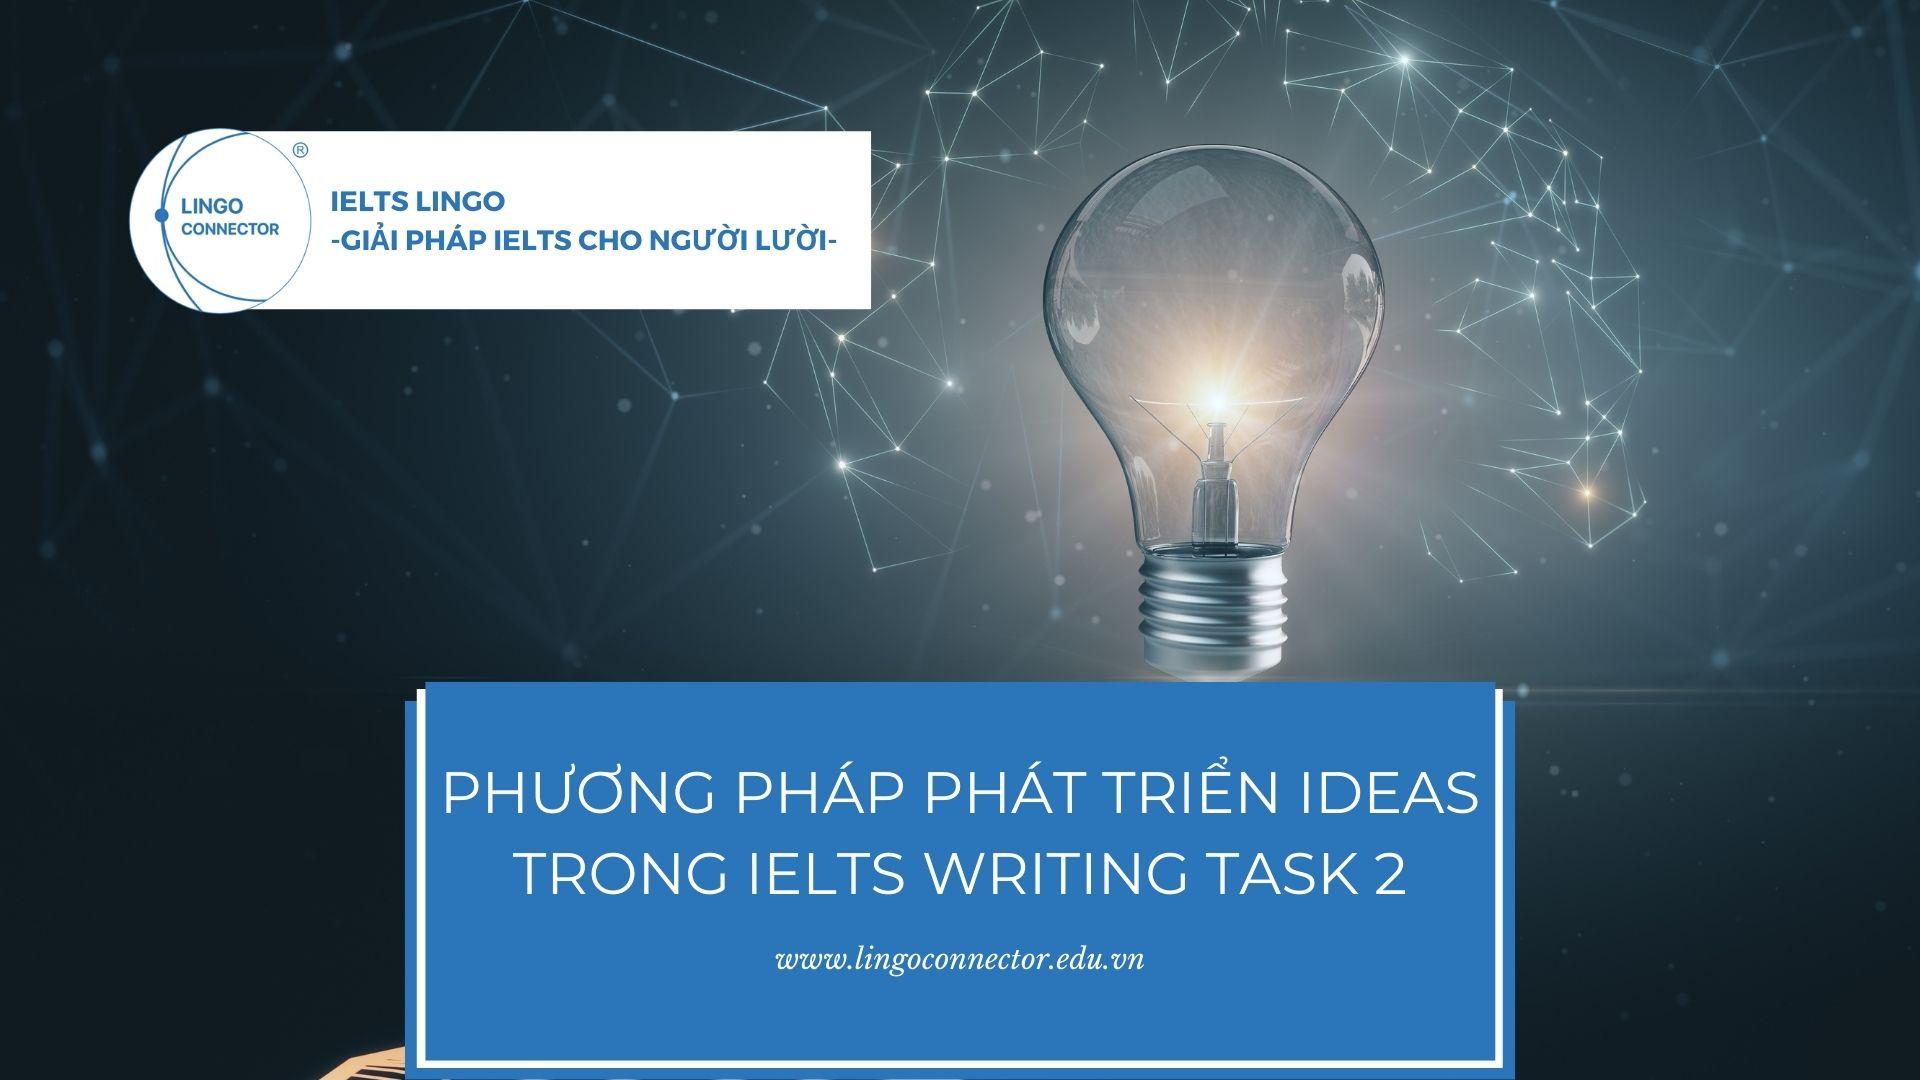 phat-trien-idea-ielts-writing